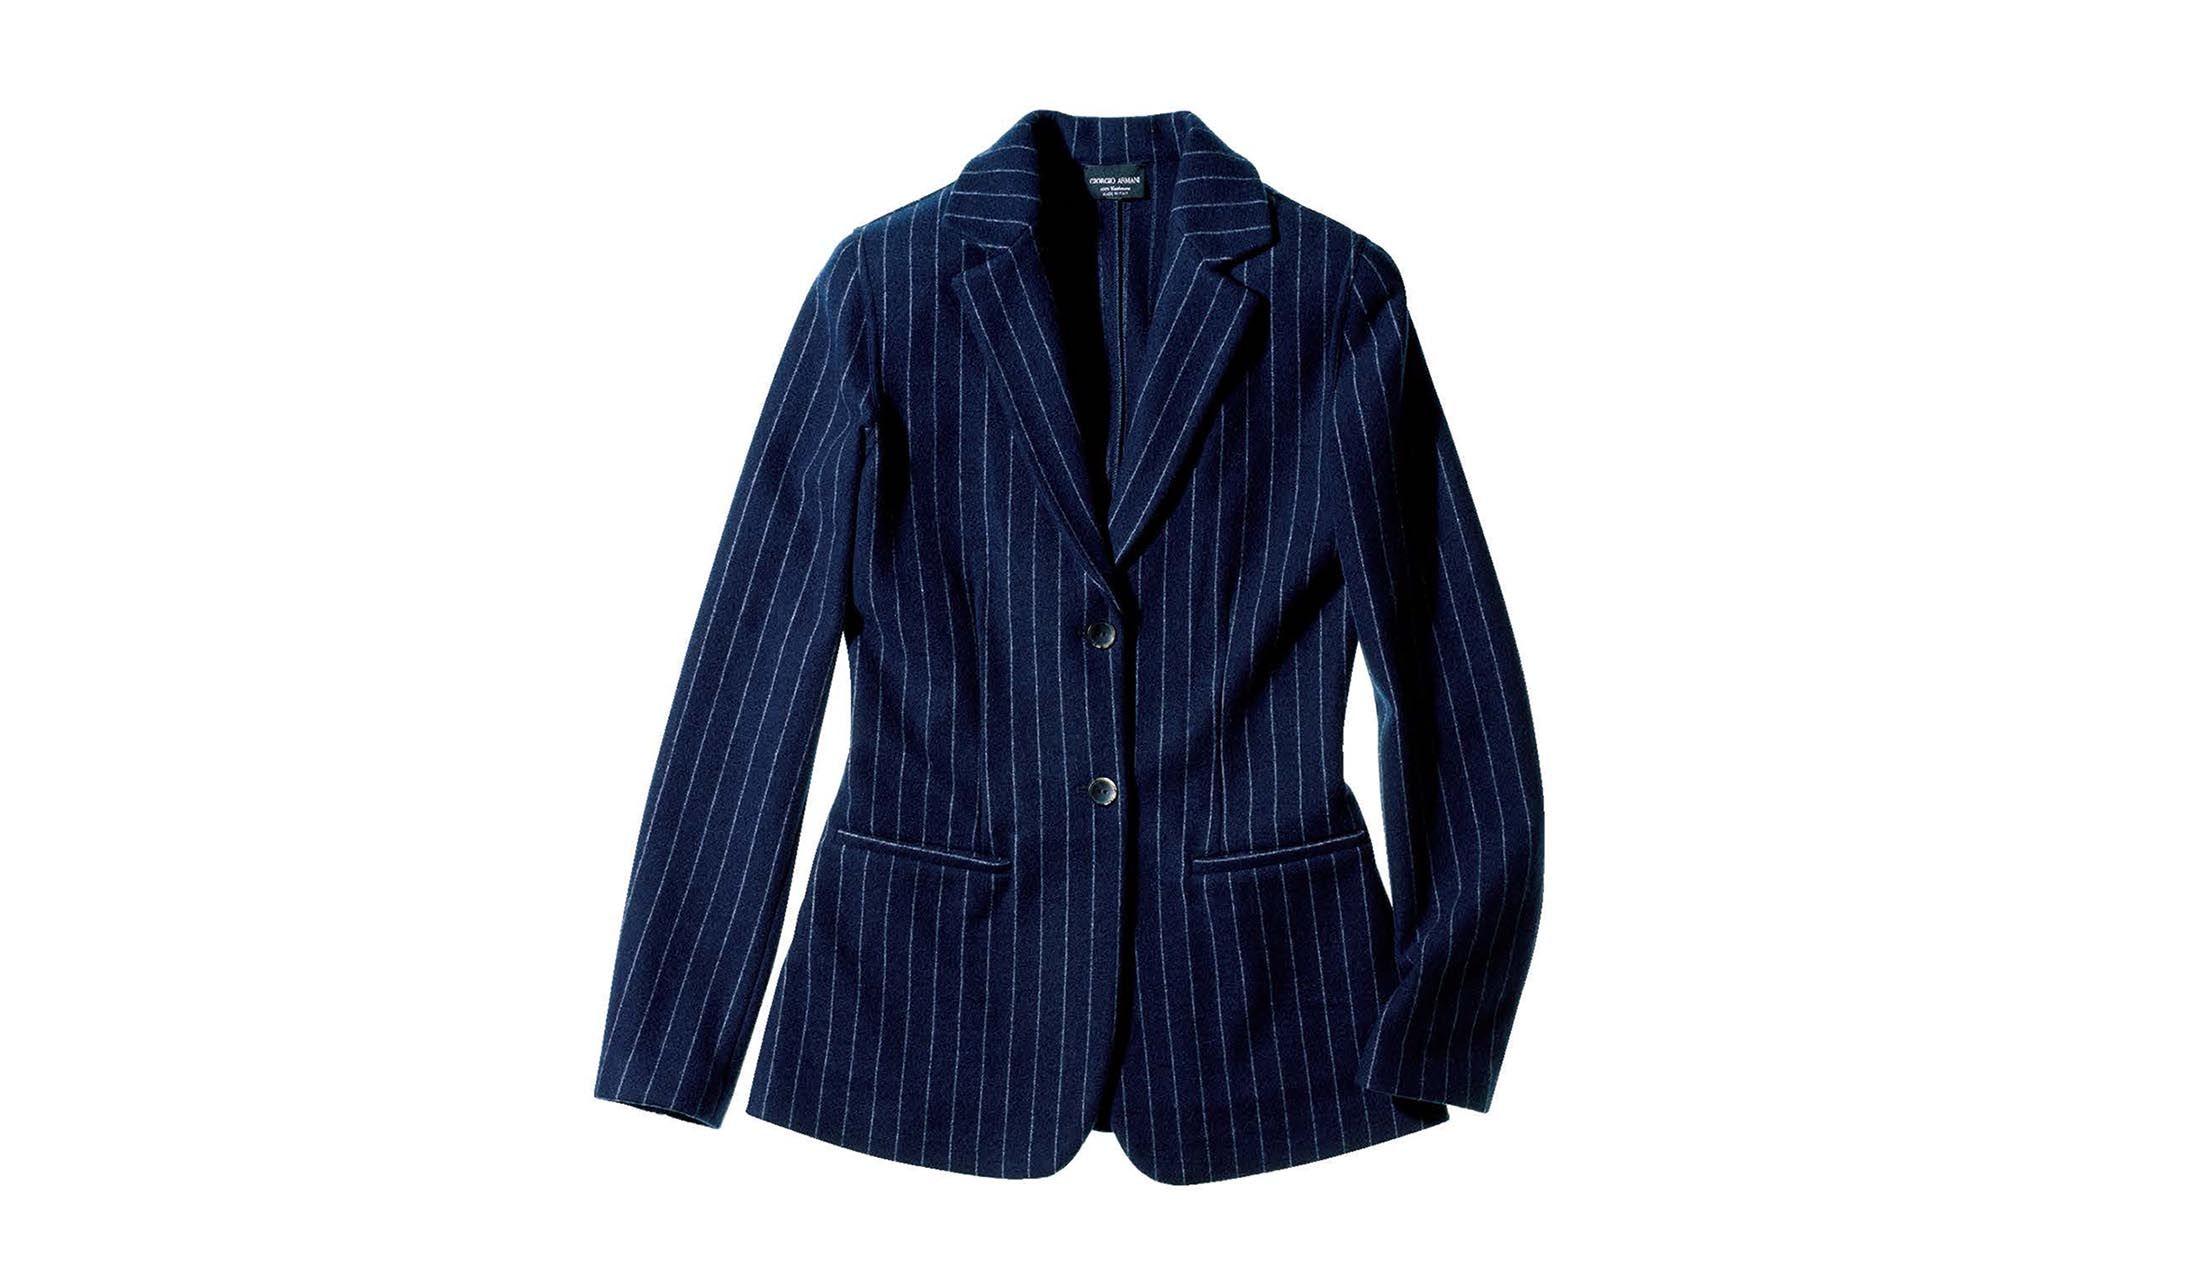 ジョルジオ アルマーニのテーラードジャケット